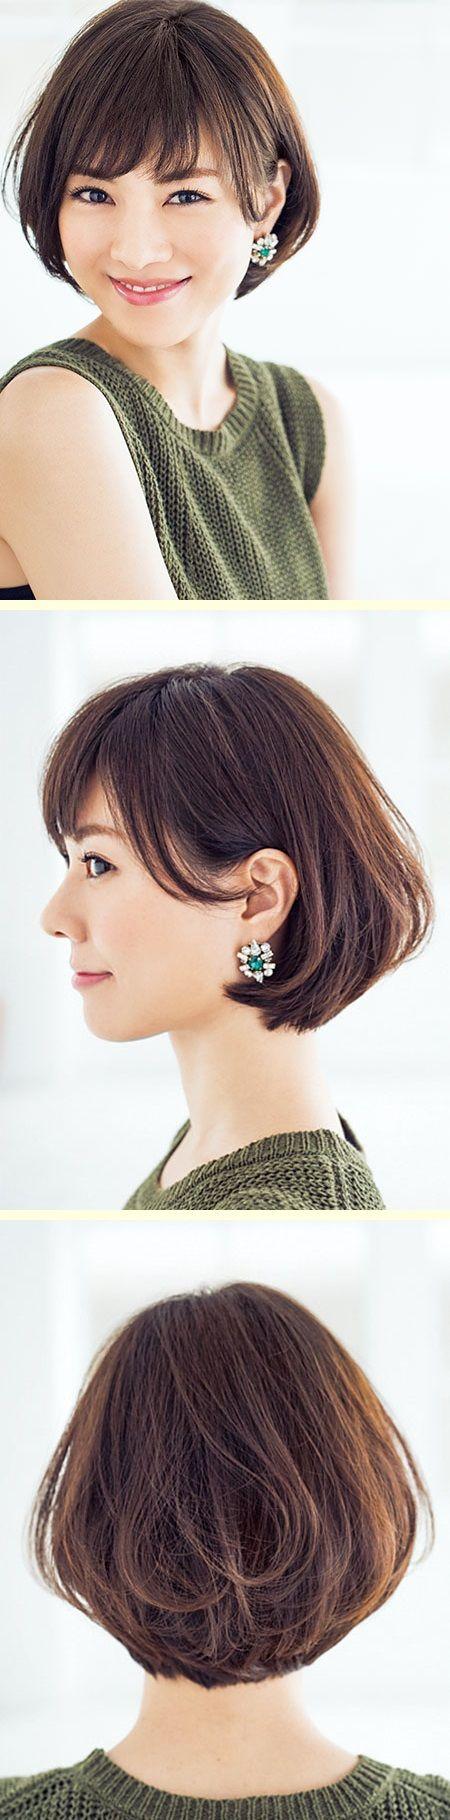 なめらかショートは前髪が決め手! #AneCan #安座間美優 #Model #ショートヘア #ヘアスタイル